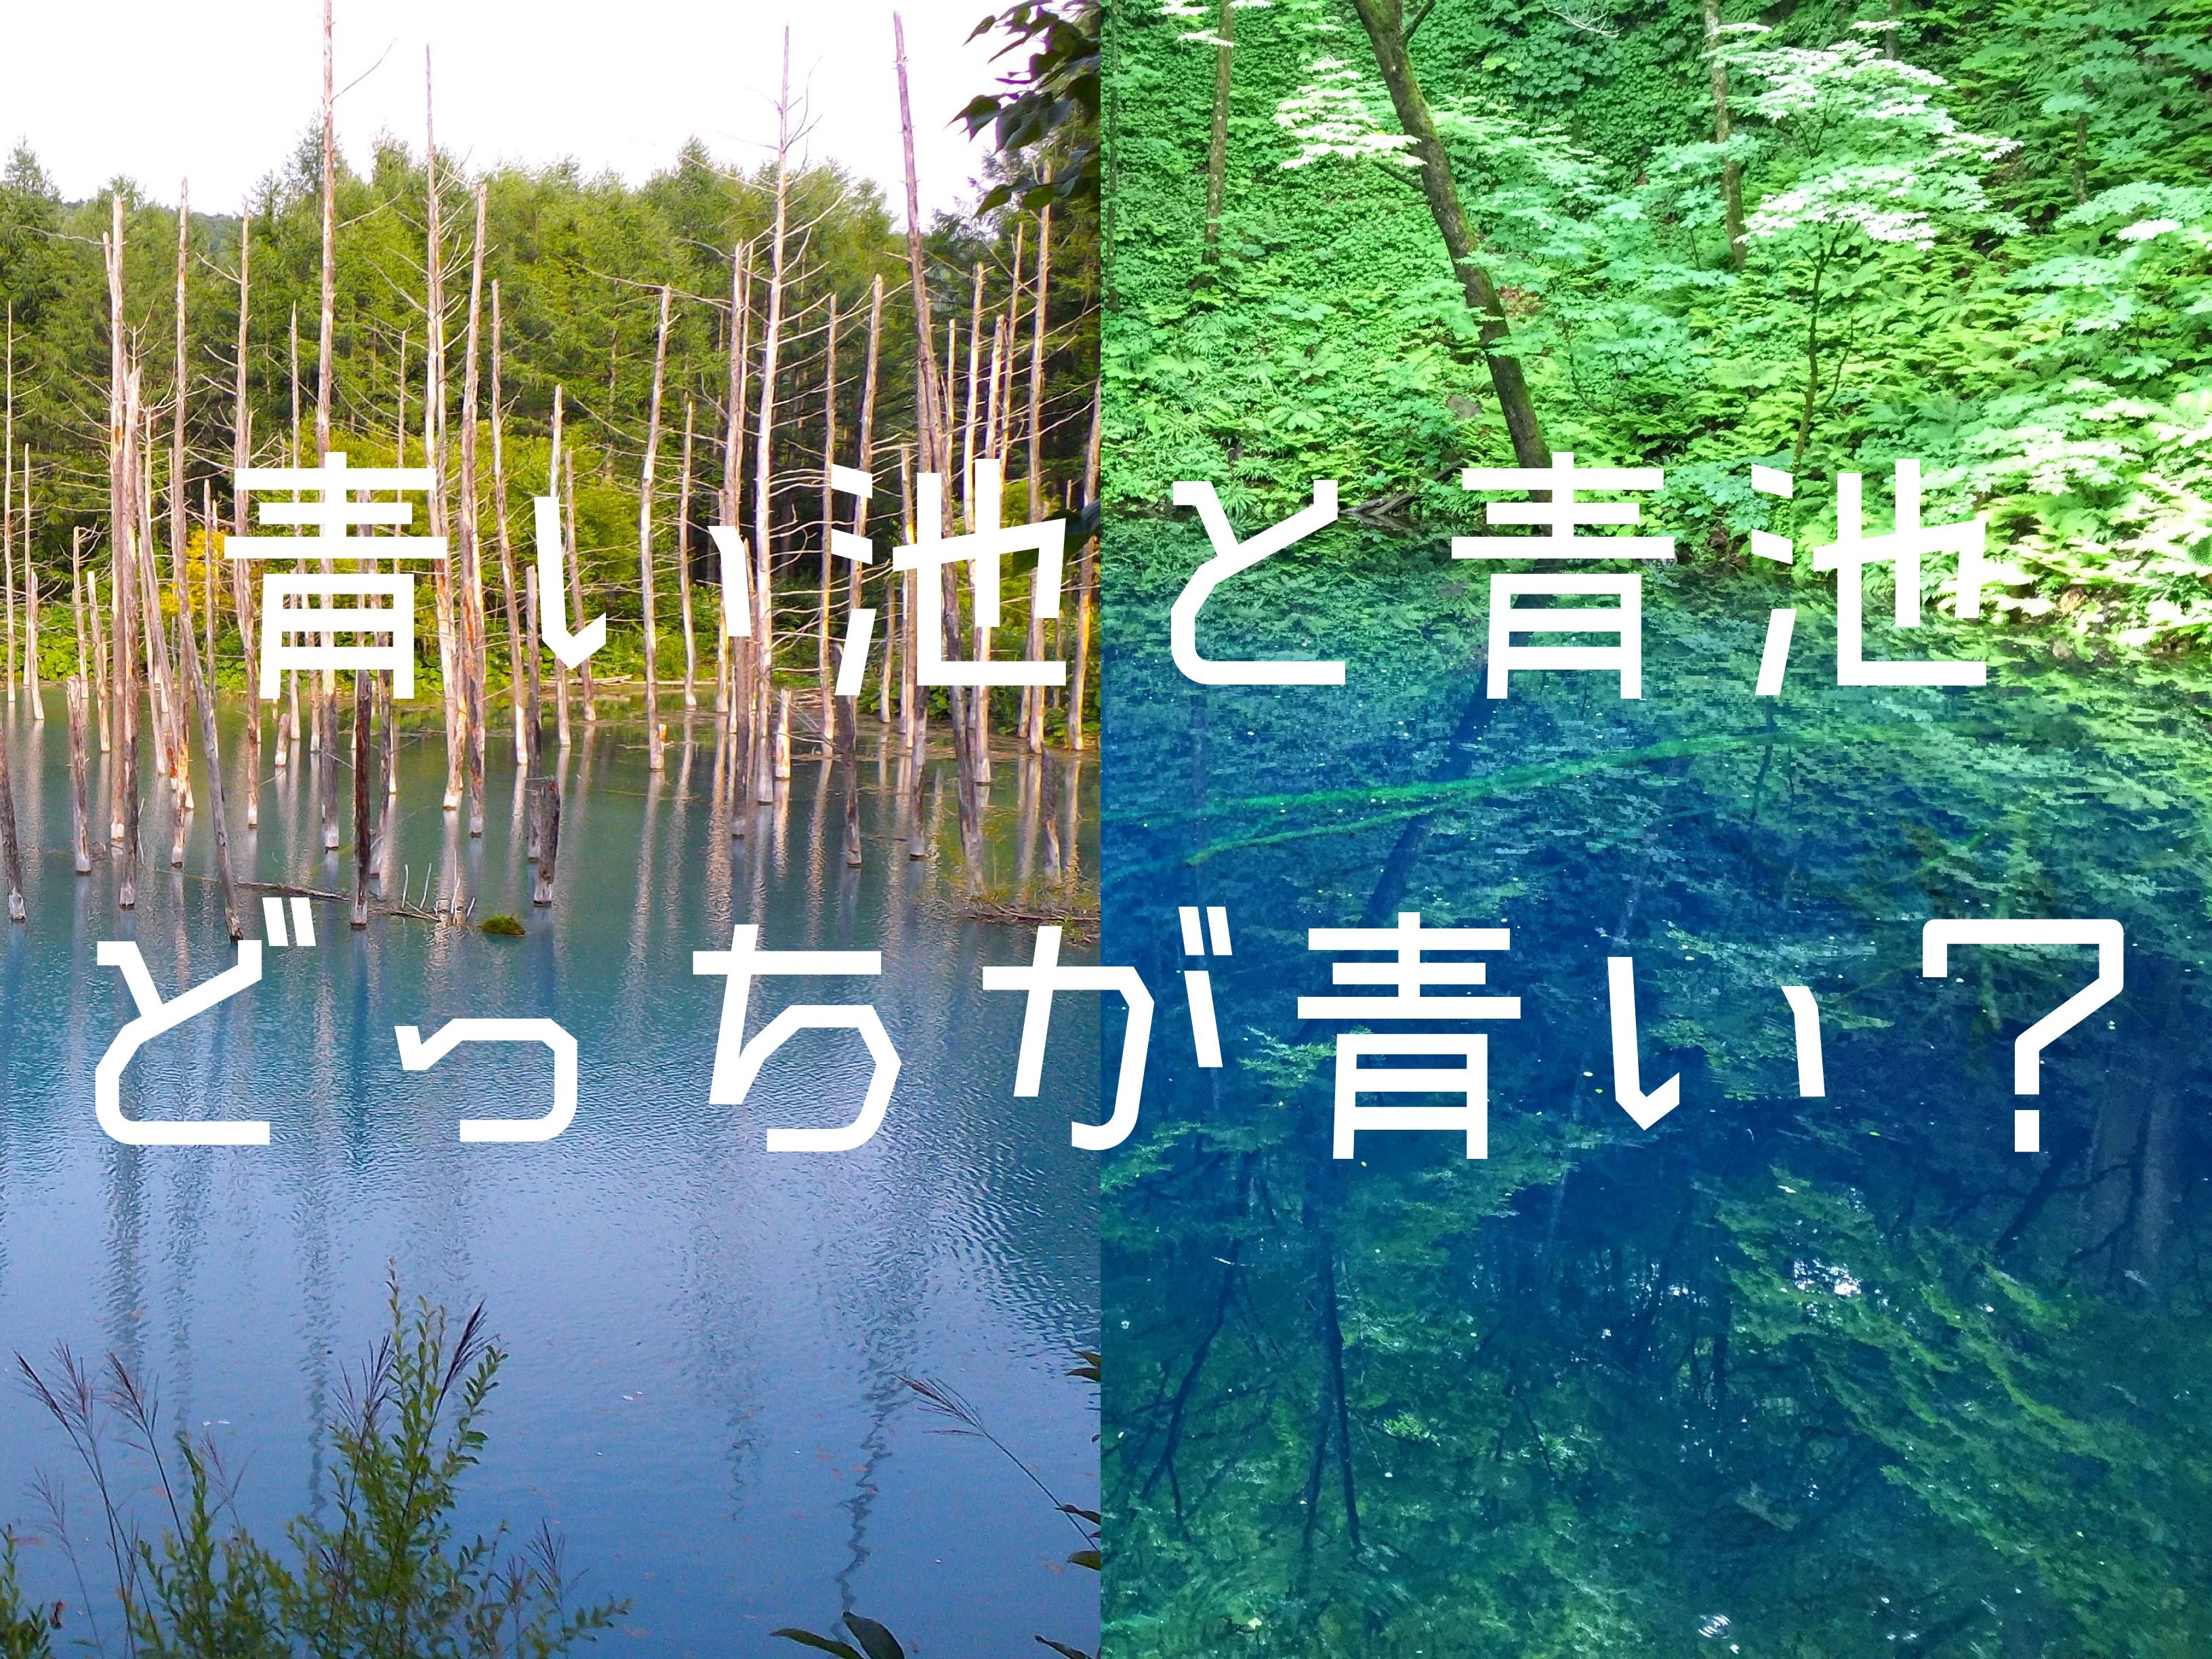 北海道の「青い池」と青森県の「青池」どっちが青いか実際に行って確かめて来た。